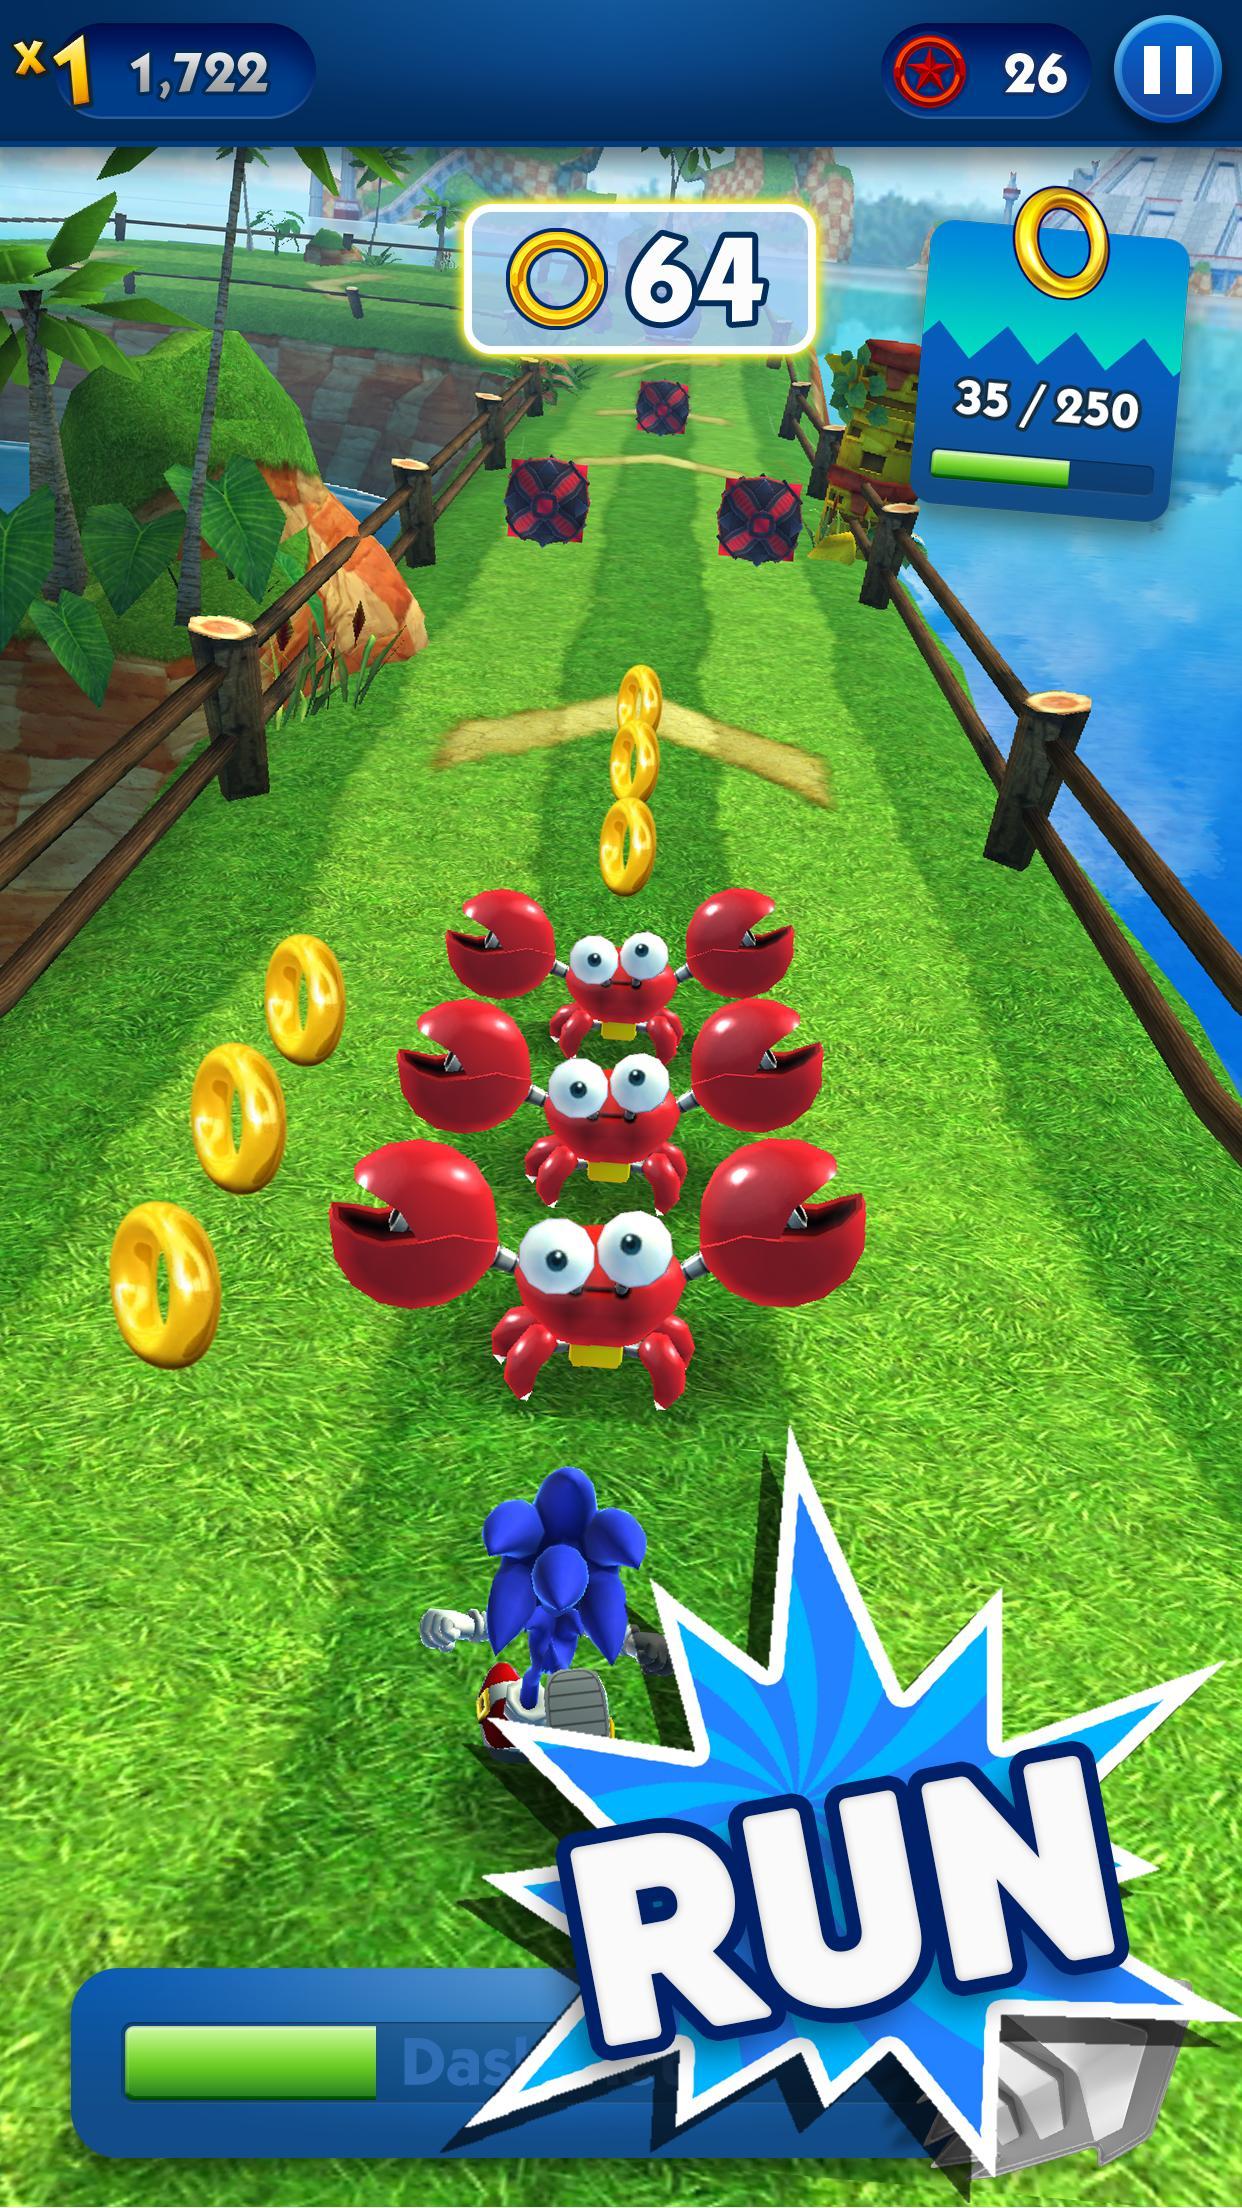 Sonic Dash - Endless Running & Racing Game 4.14.0 Screenshot 1